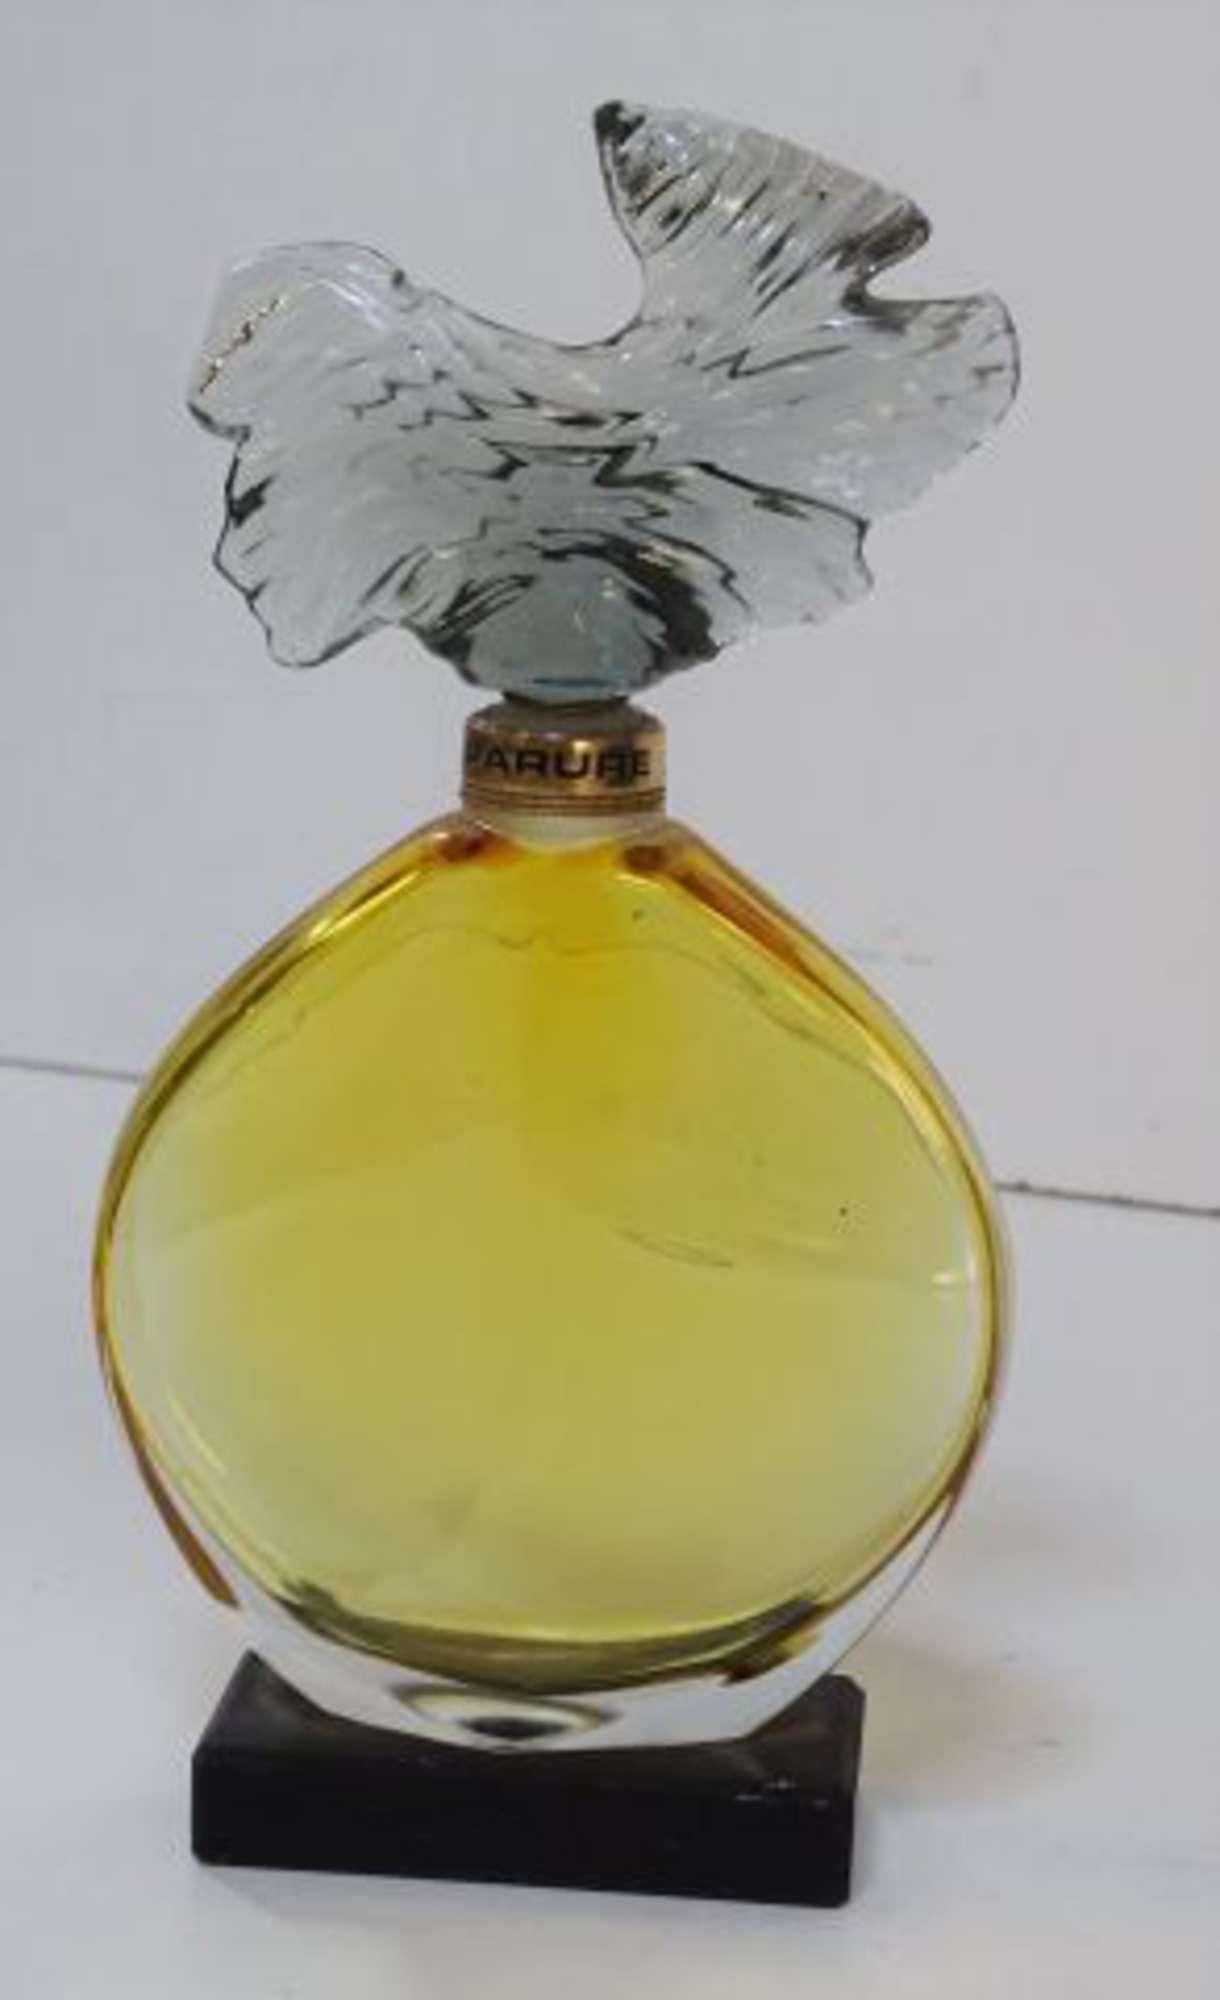 Guerlain Sur ParureSocle Gravé Relief Vide De En Flacon Parfum PX0w8knO